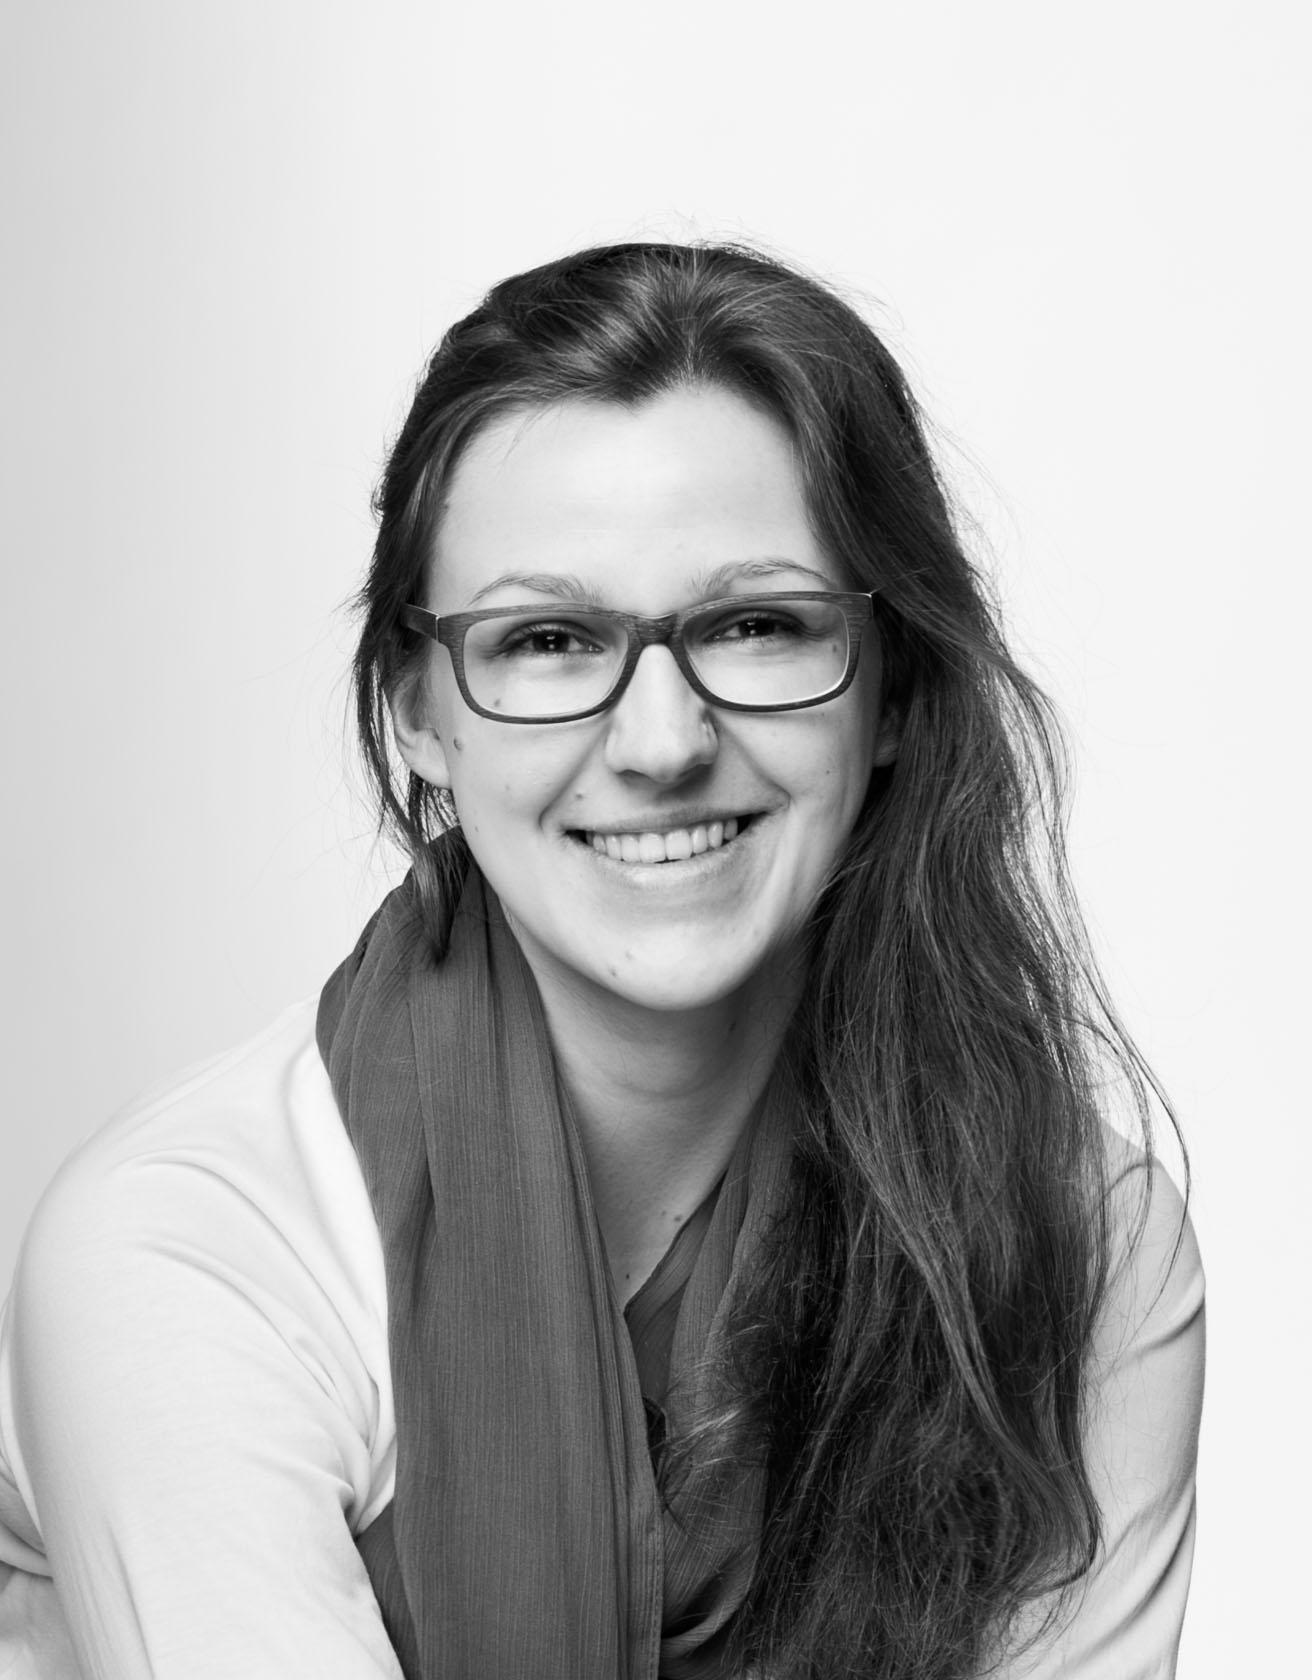 Adrianna Hołdys